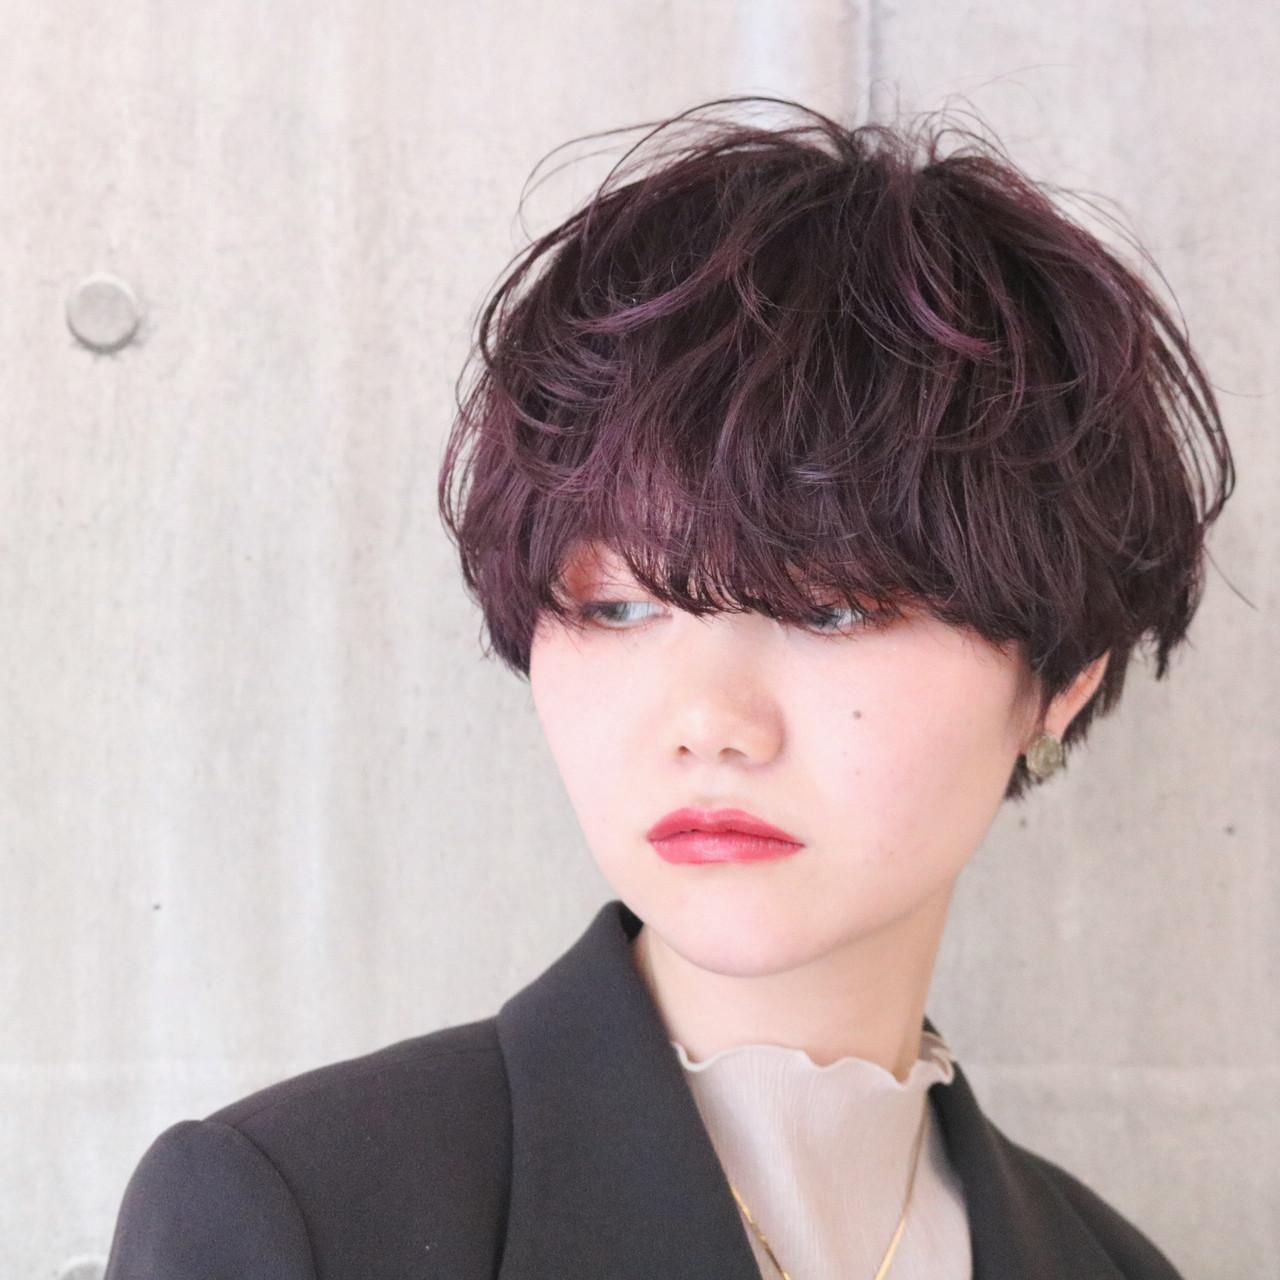 パーマ アンニュイほつれヘア ショートボブ ラベンダーピンク ヘアスタイルや髪型の写真・画像